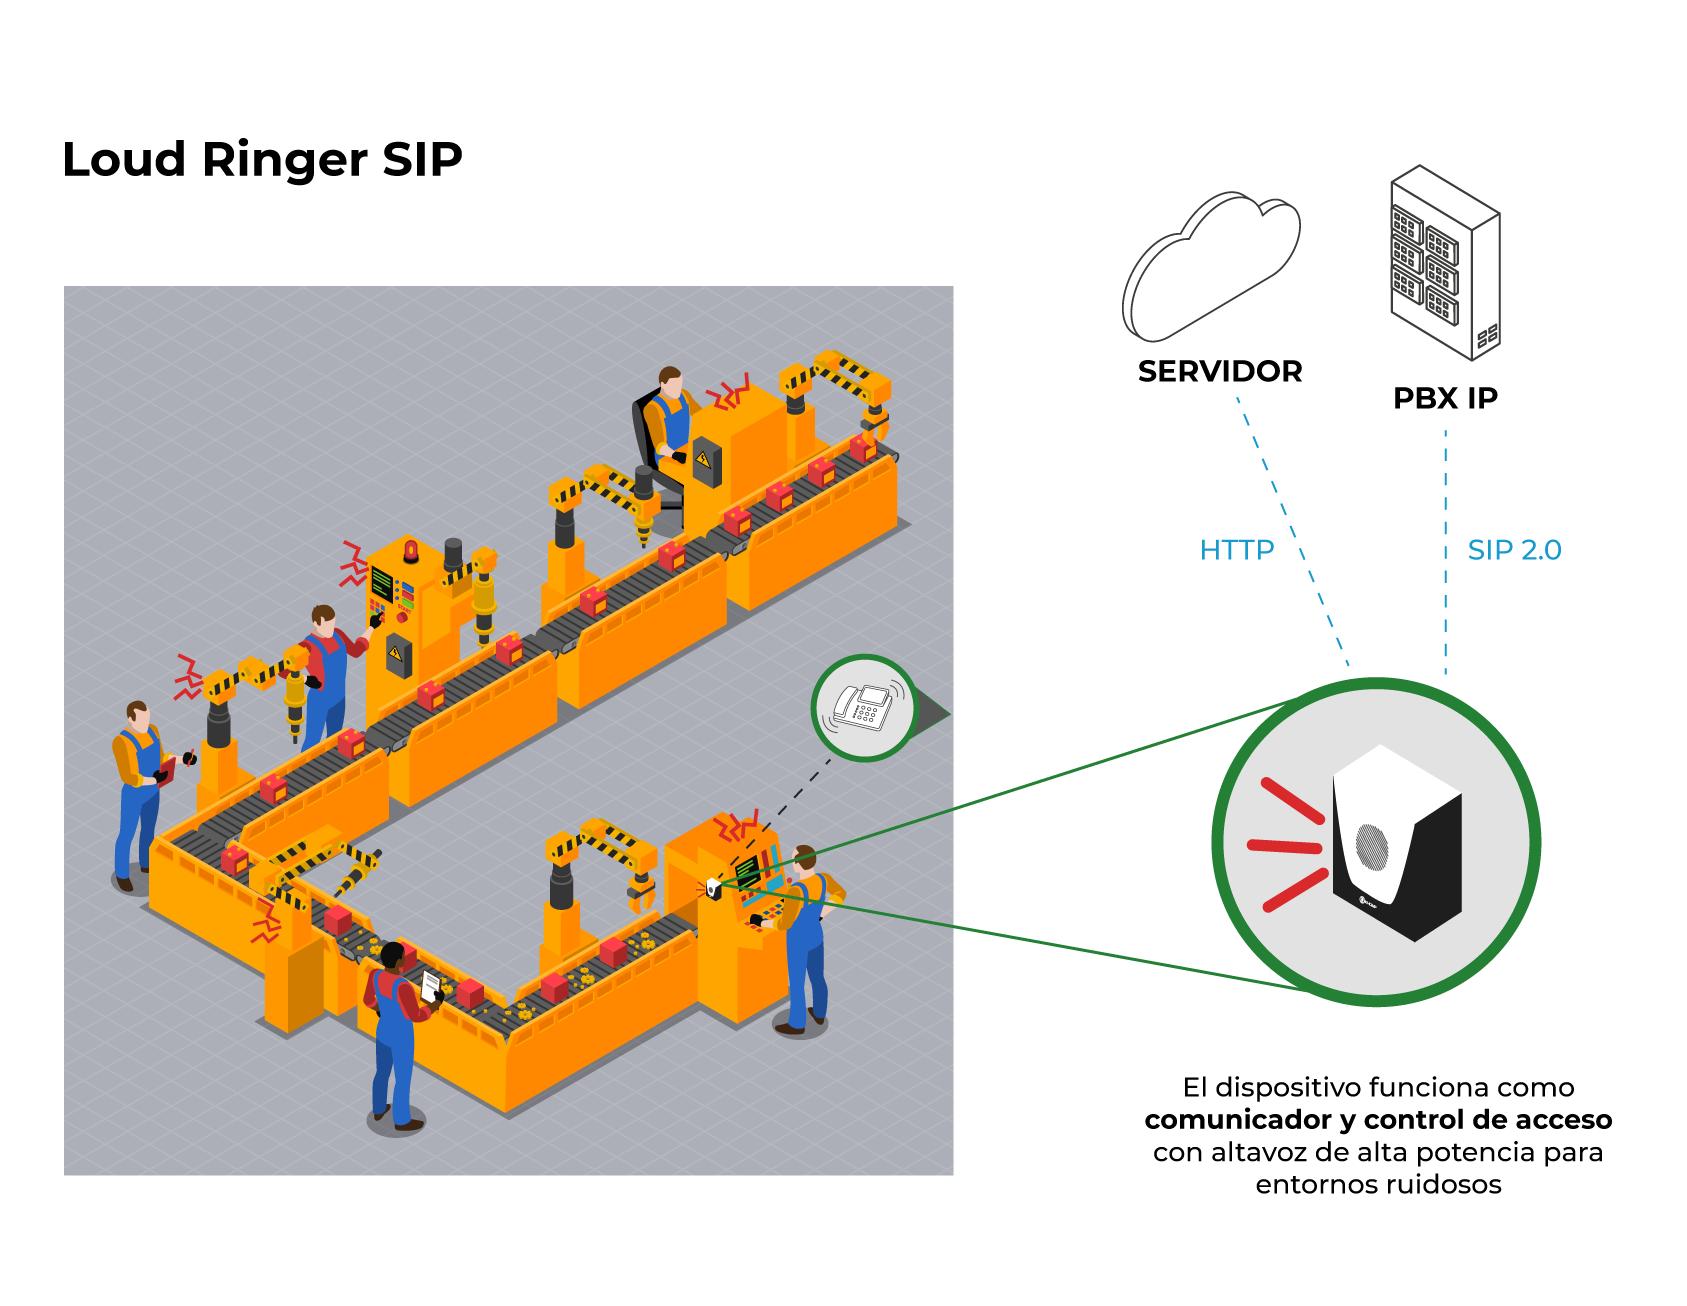 Modelo de aplicación - Loud Ringer SIP